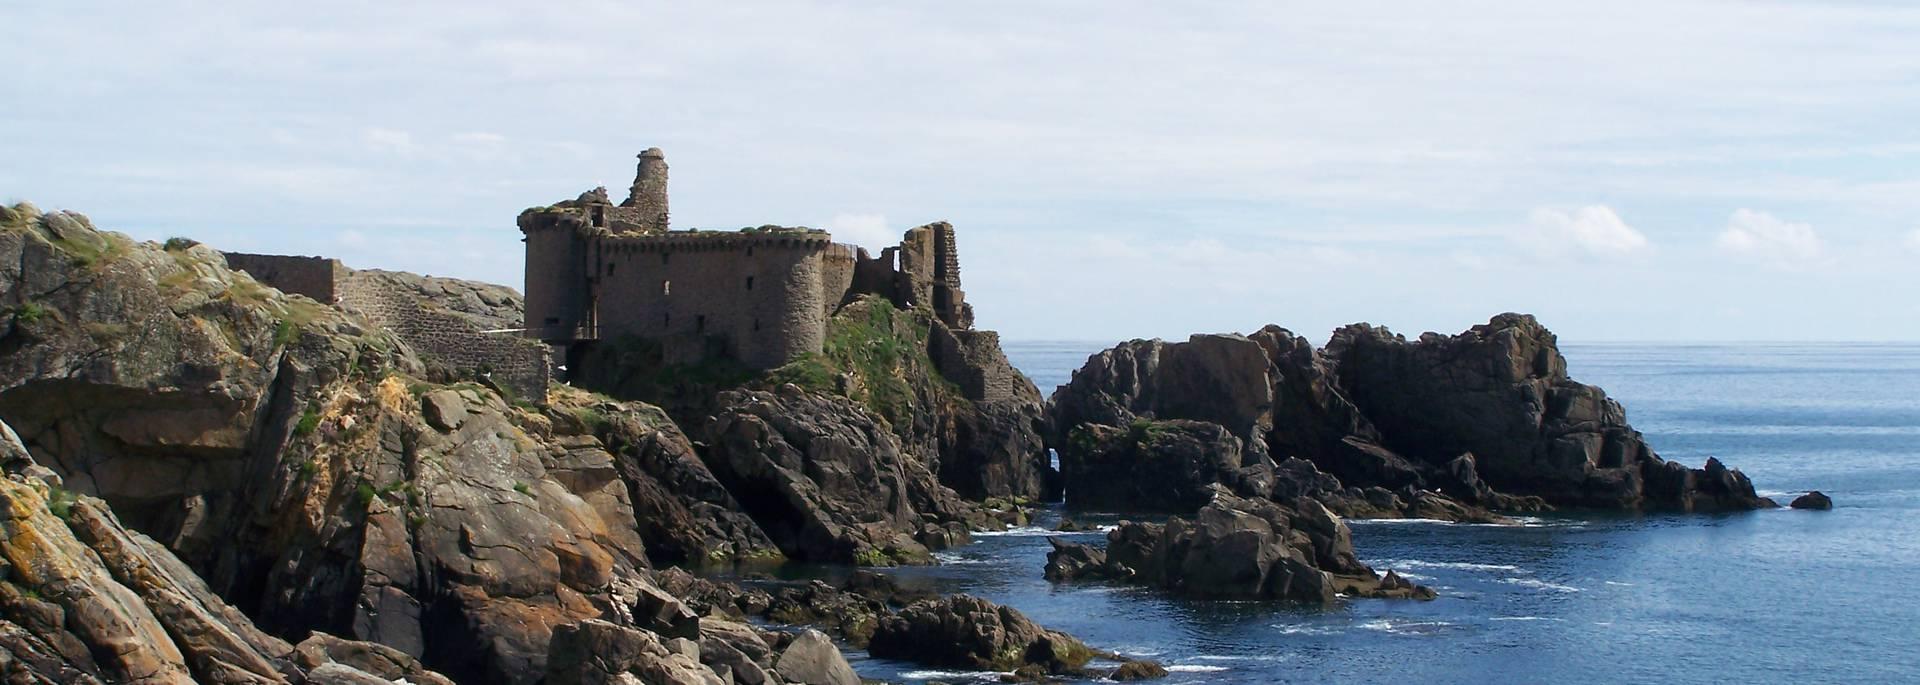 Le Vieux Château, Ile d'Yeu © F. Guerineau / OT île d'Yeu